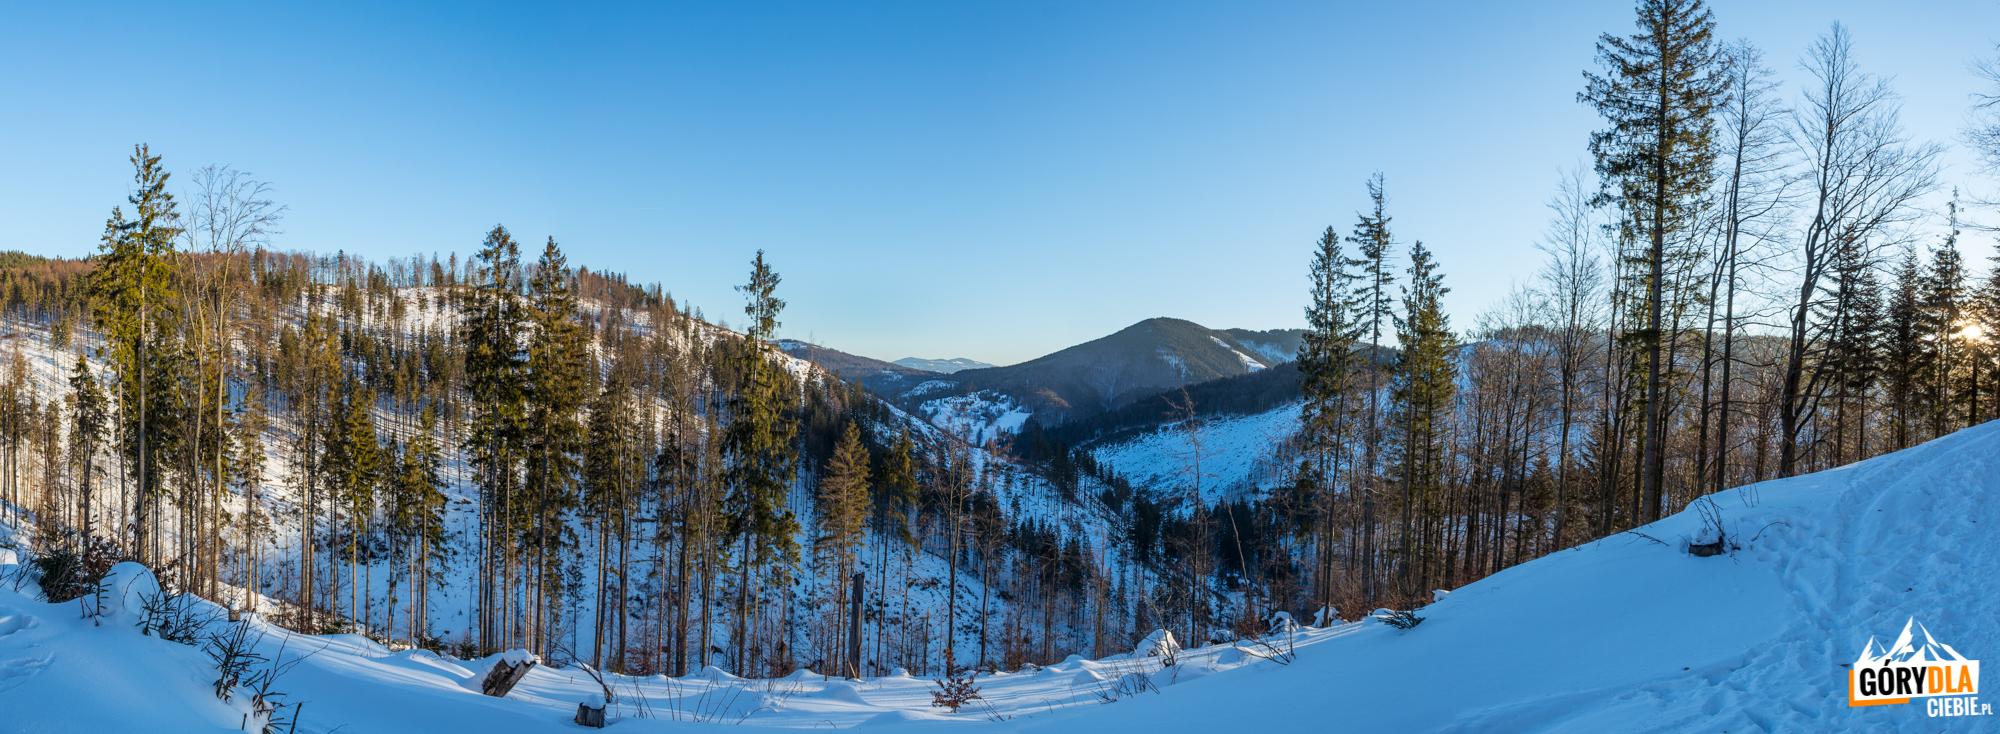 Widoki zżółtego szlaku naWielką Raczę (1236 m)